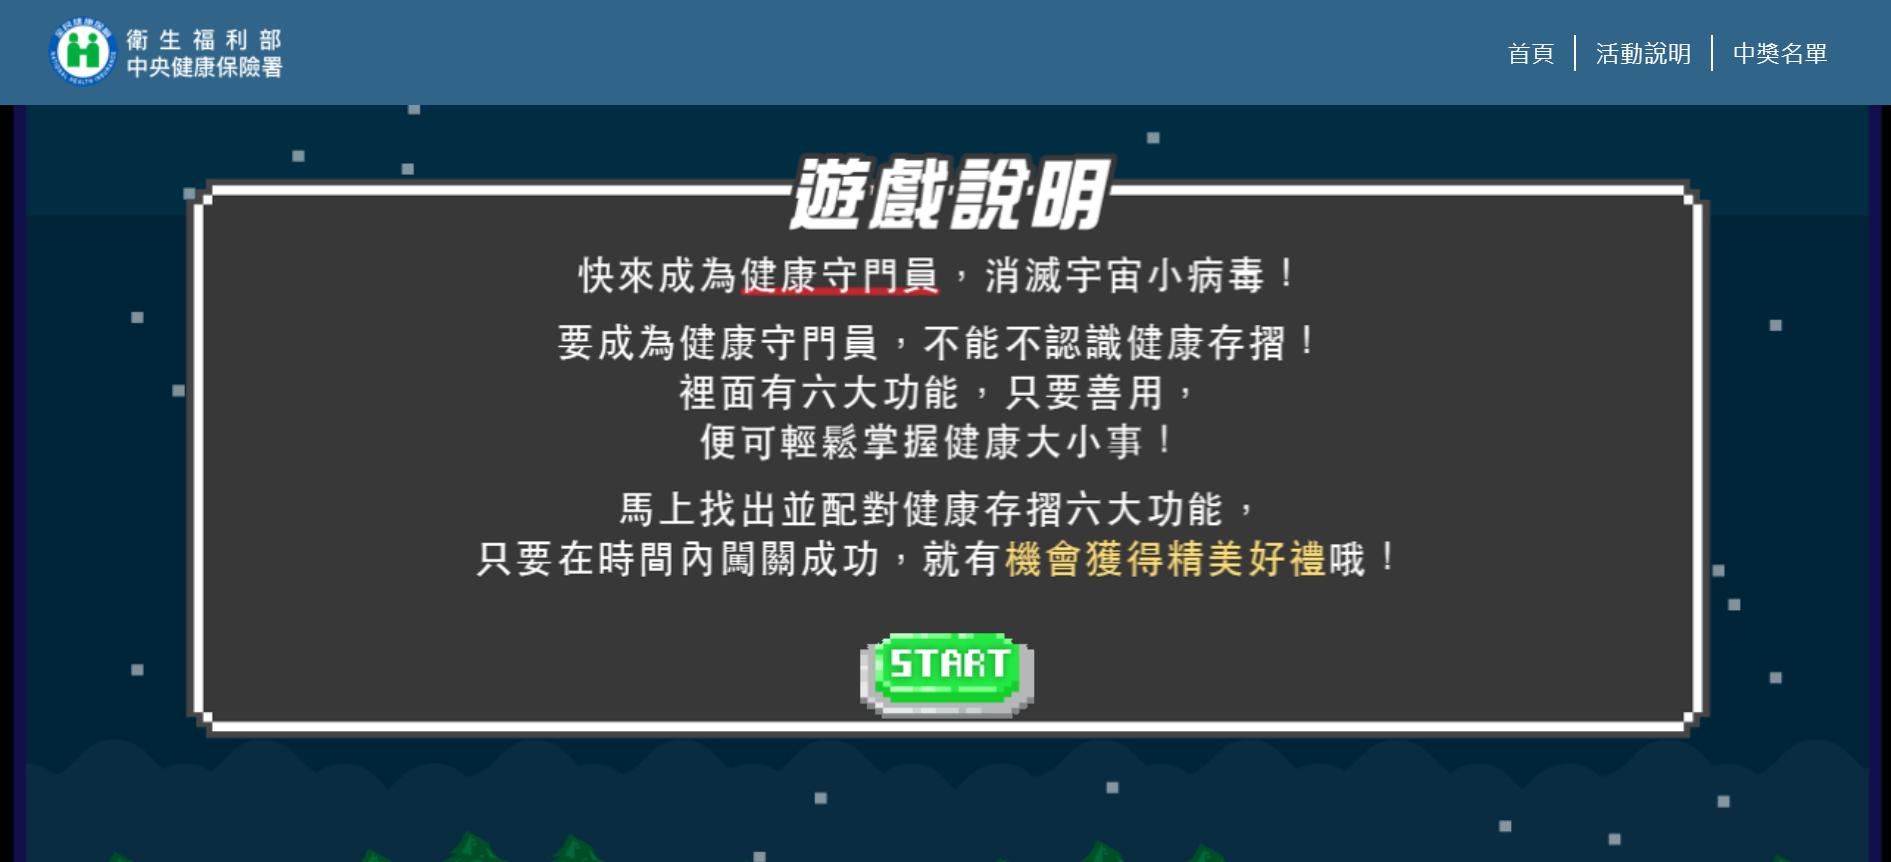 {好康報你知} 守護健康大作戰抽獎活動(頭獎:OSIM暖足樂)